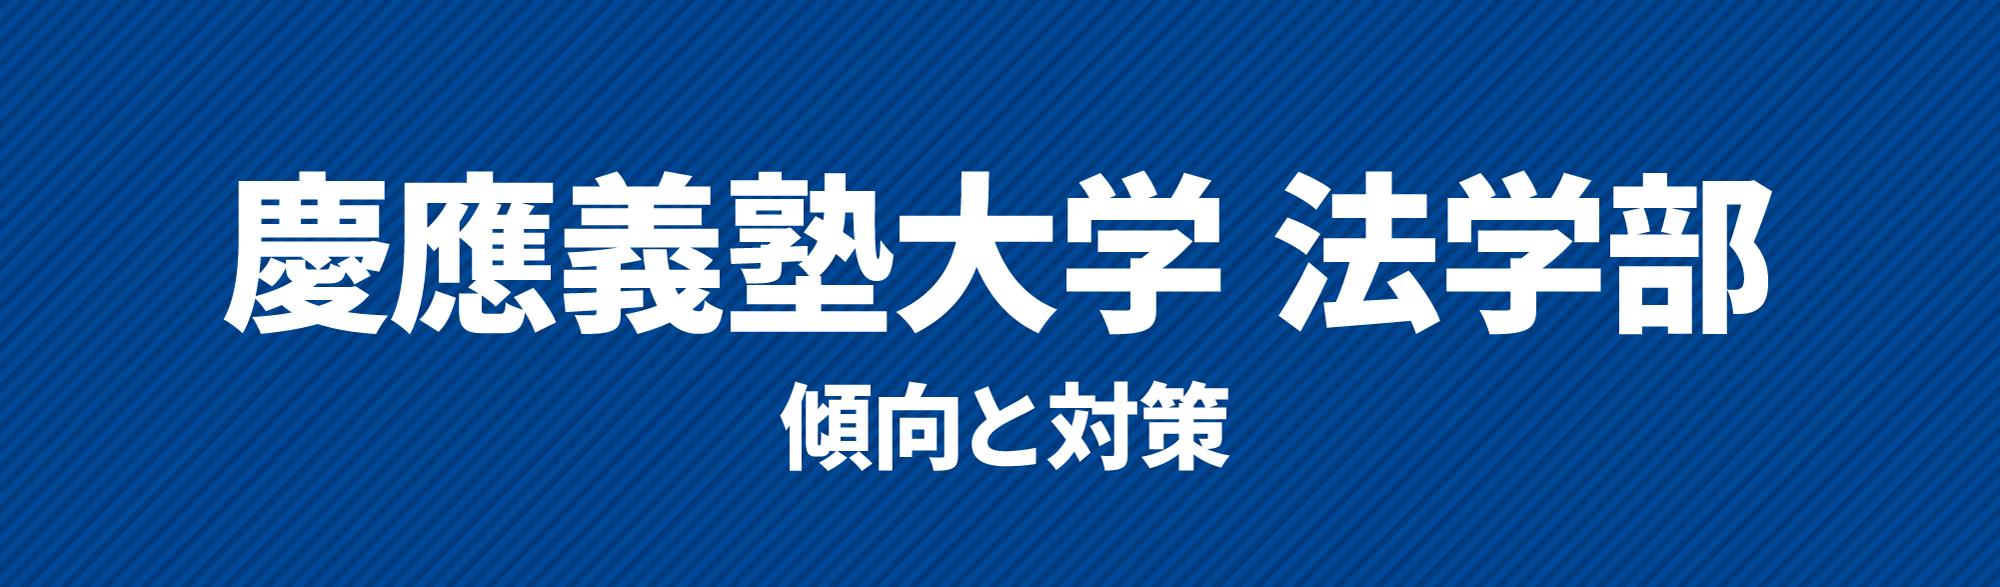 慶應義塾大学法学部傾向と対策